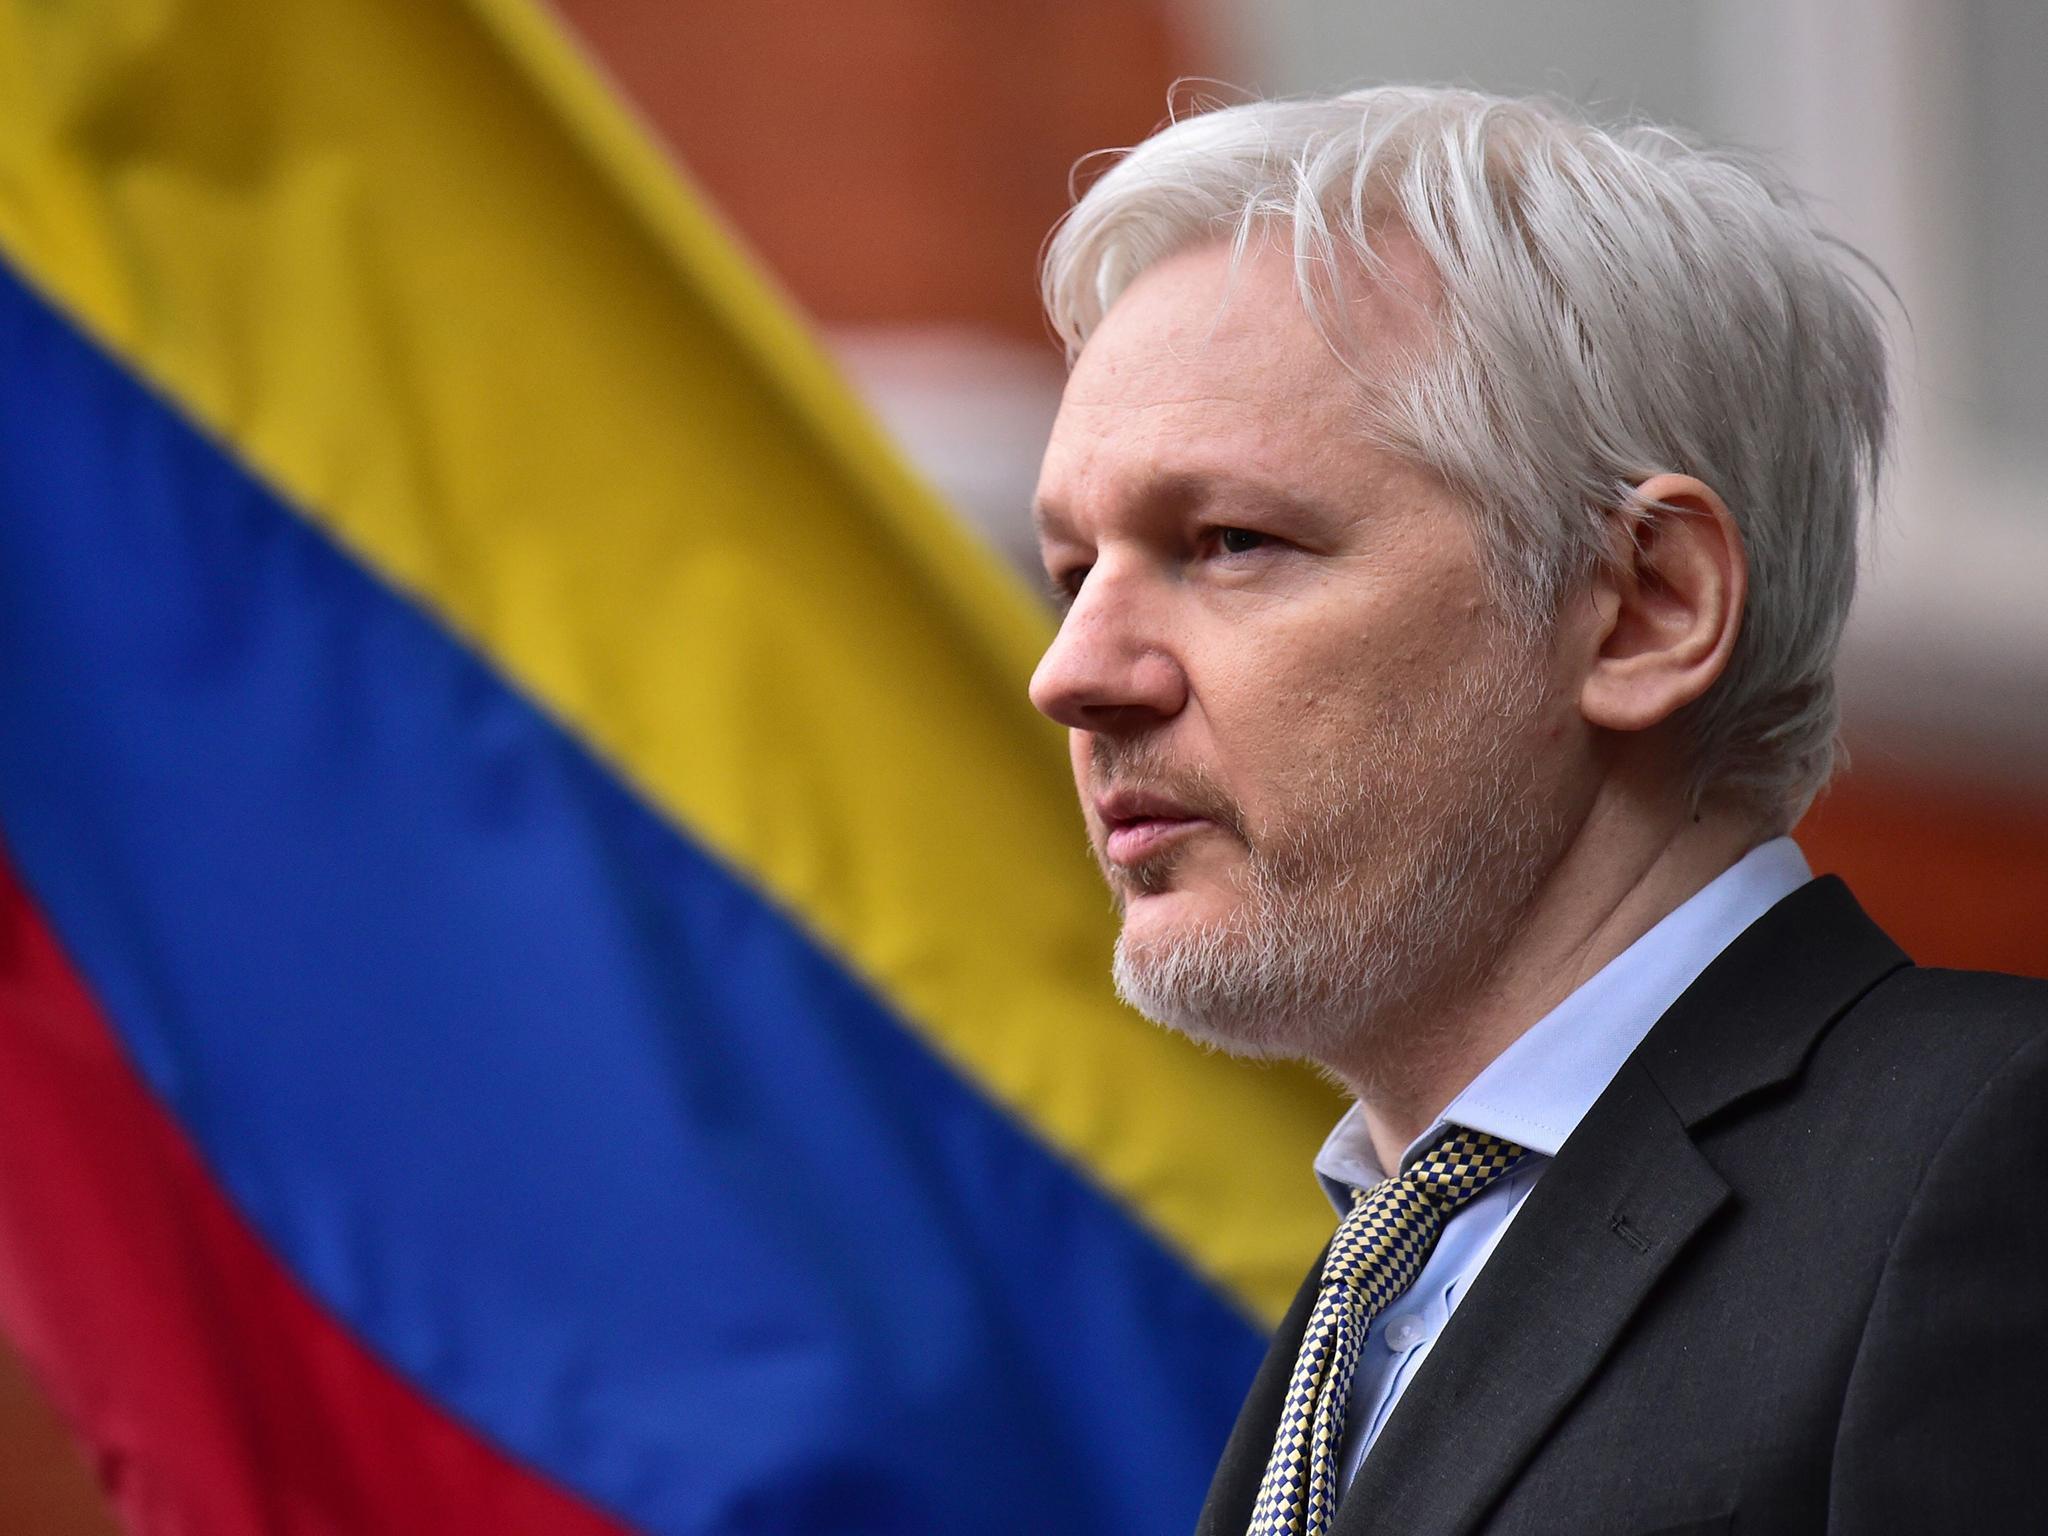 La abogada de Julian Assange pide al Reino Unido que lo deje en libertad